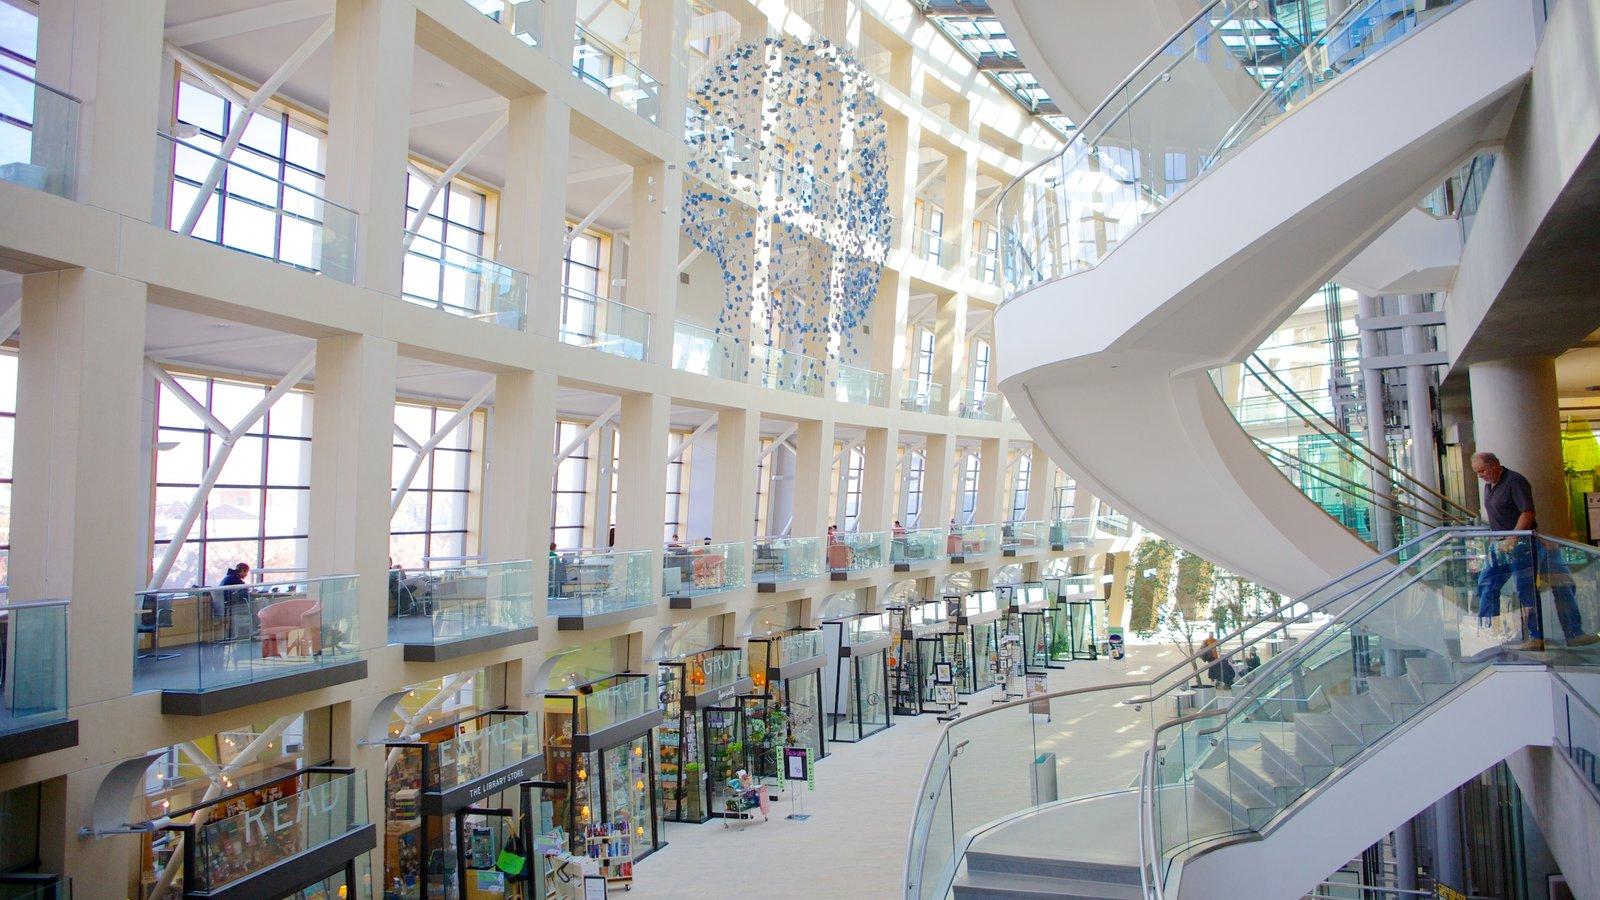 Salt Lake Public Library Main Building mostrando arquitectura moderna y vistas interiores